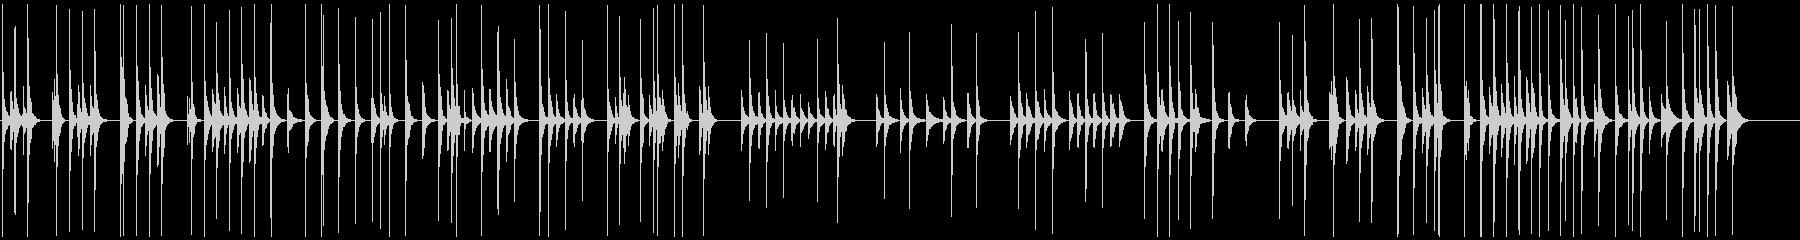 ほのぼの木琴の明るく遊びある素朴と愛嬌の未再生の波形